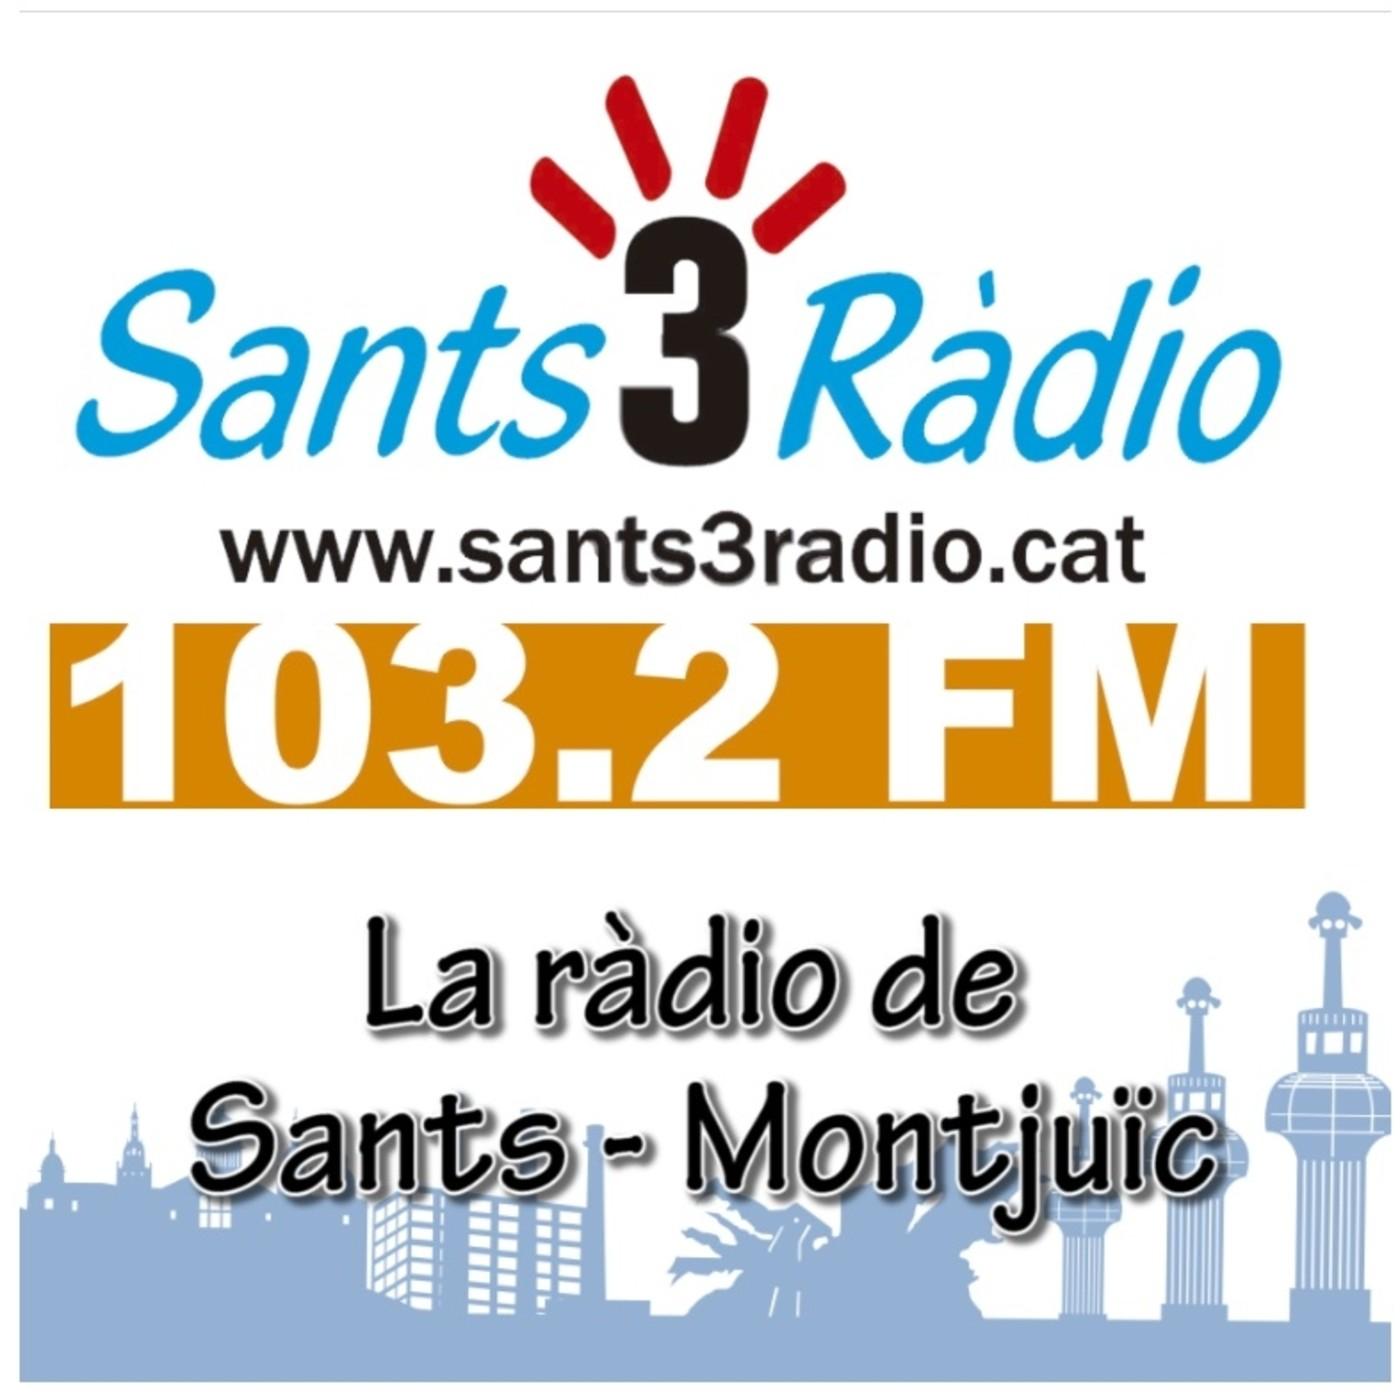 Gent del barri - Homenatge a Vicenç Bellido - Sants 3 Ràdio